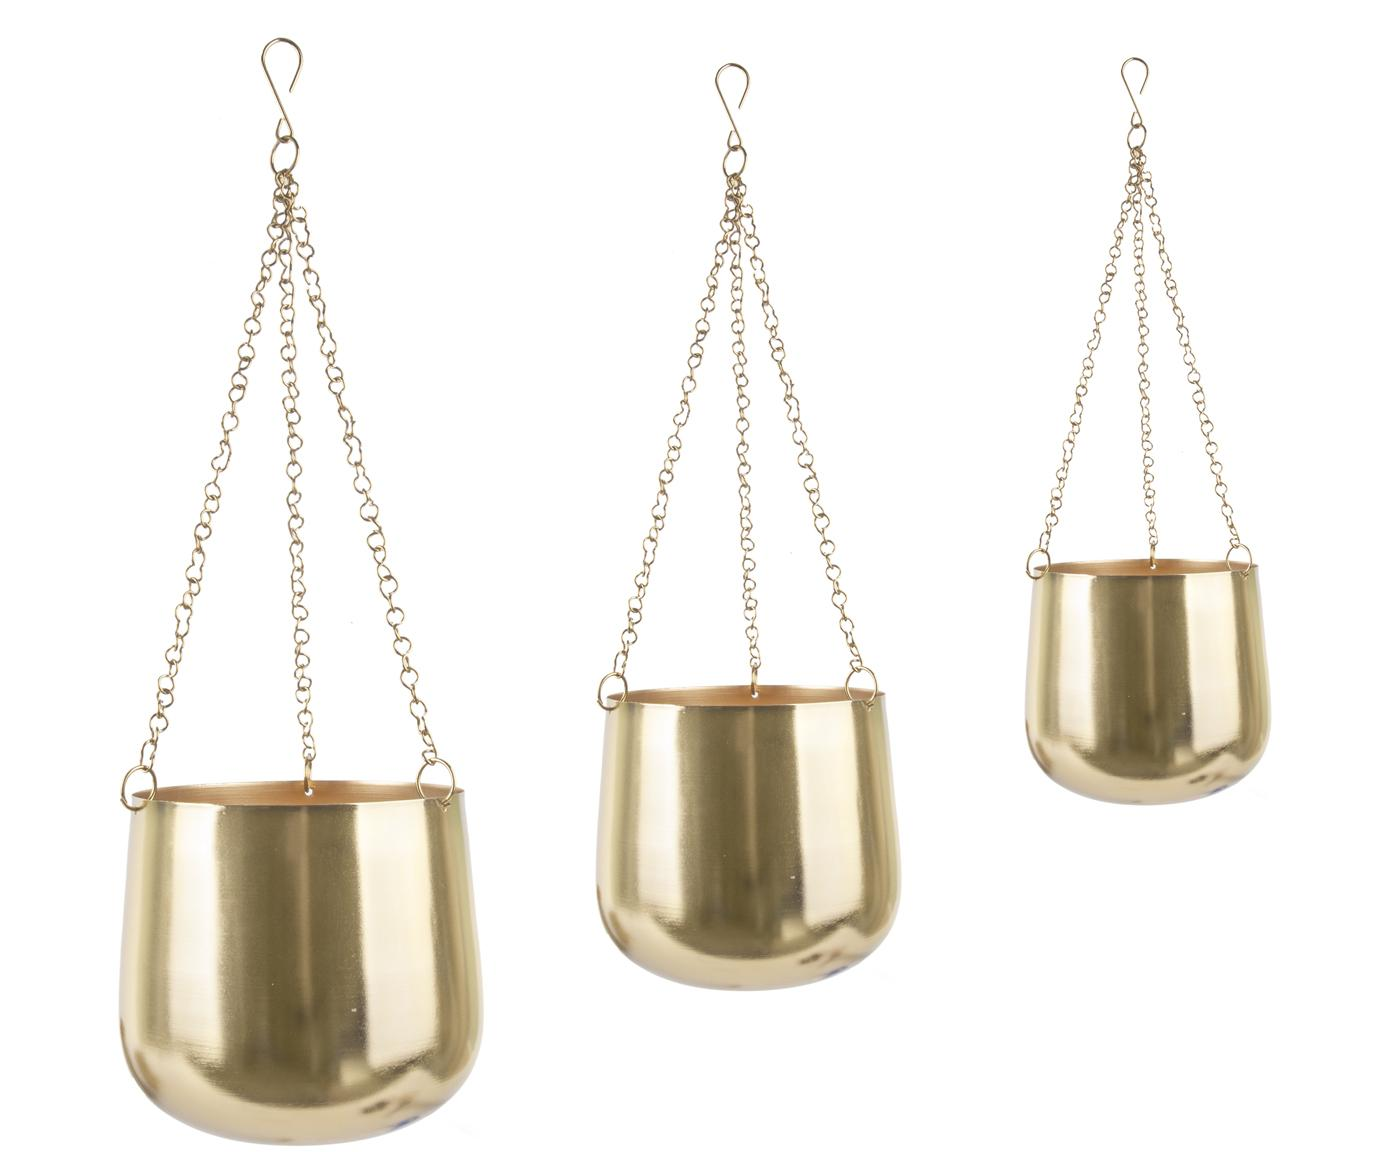 Blumenampel-Set Cask, 3-tlg., Metall, lackiert, Goldfarben, Sondergrößen